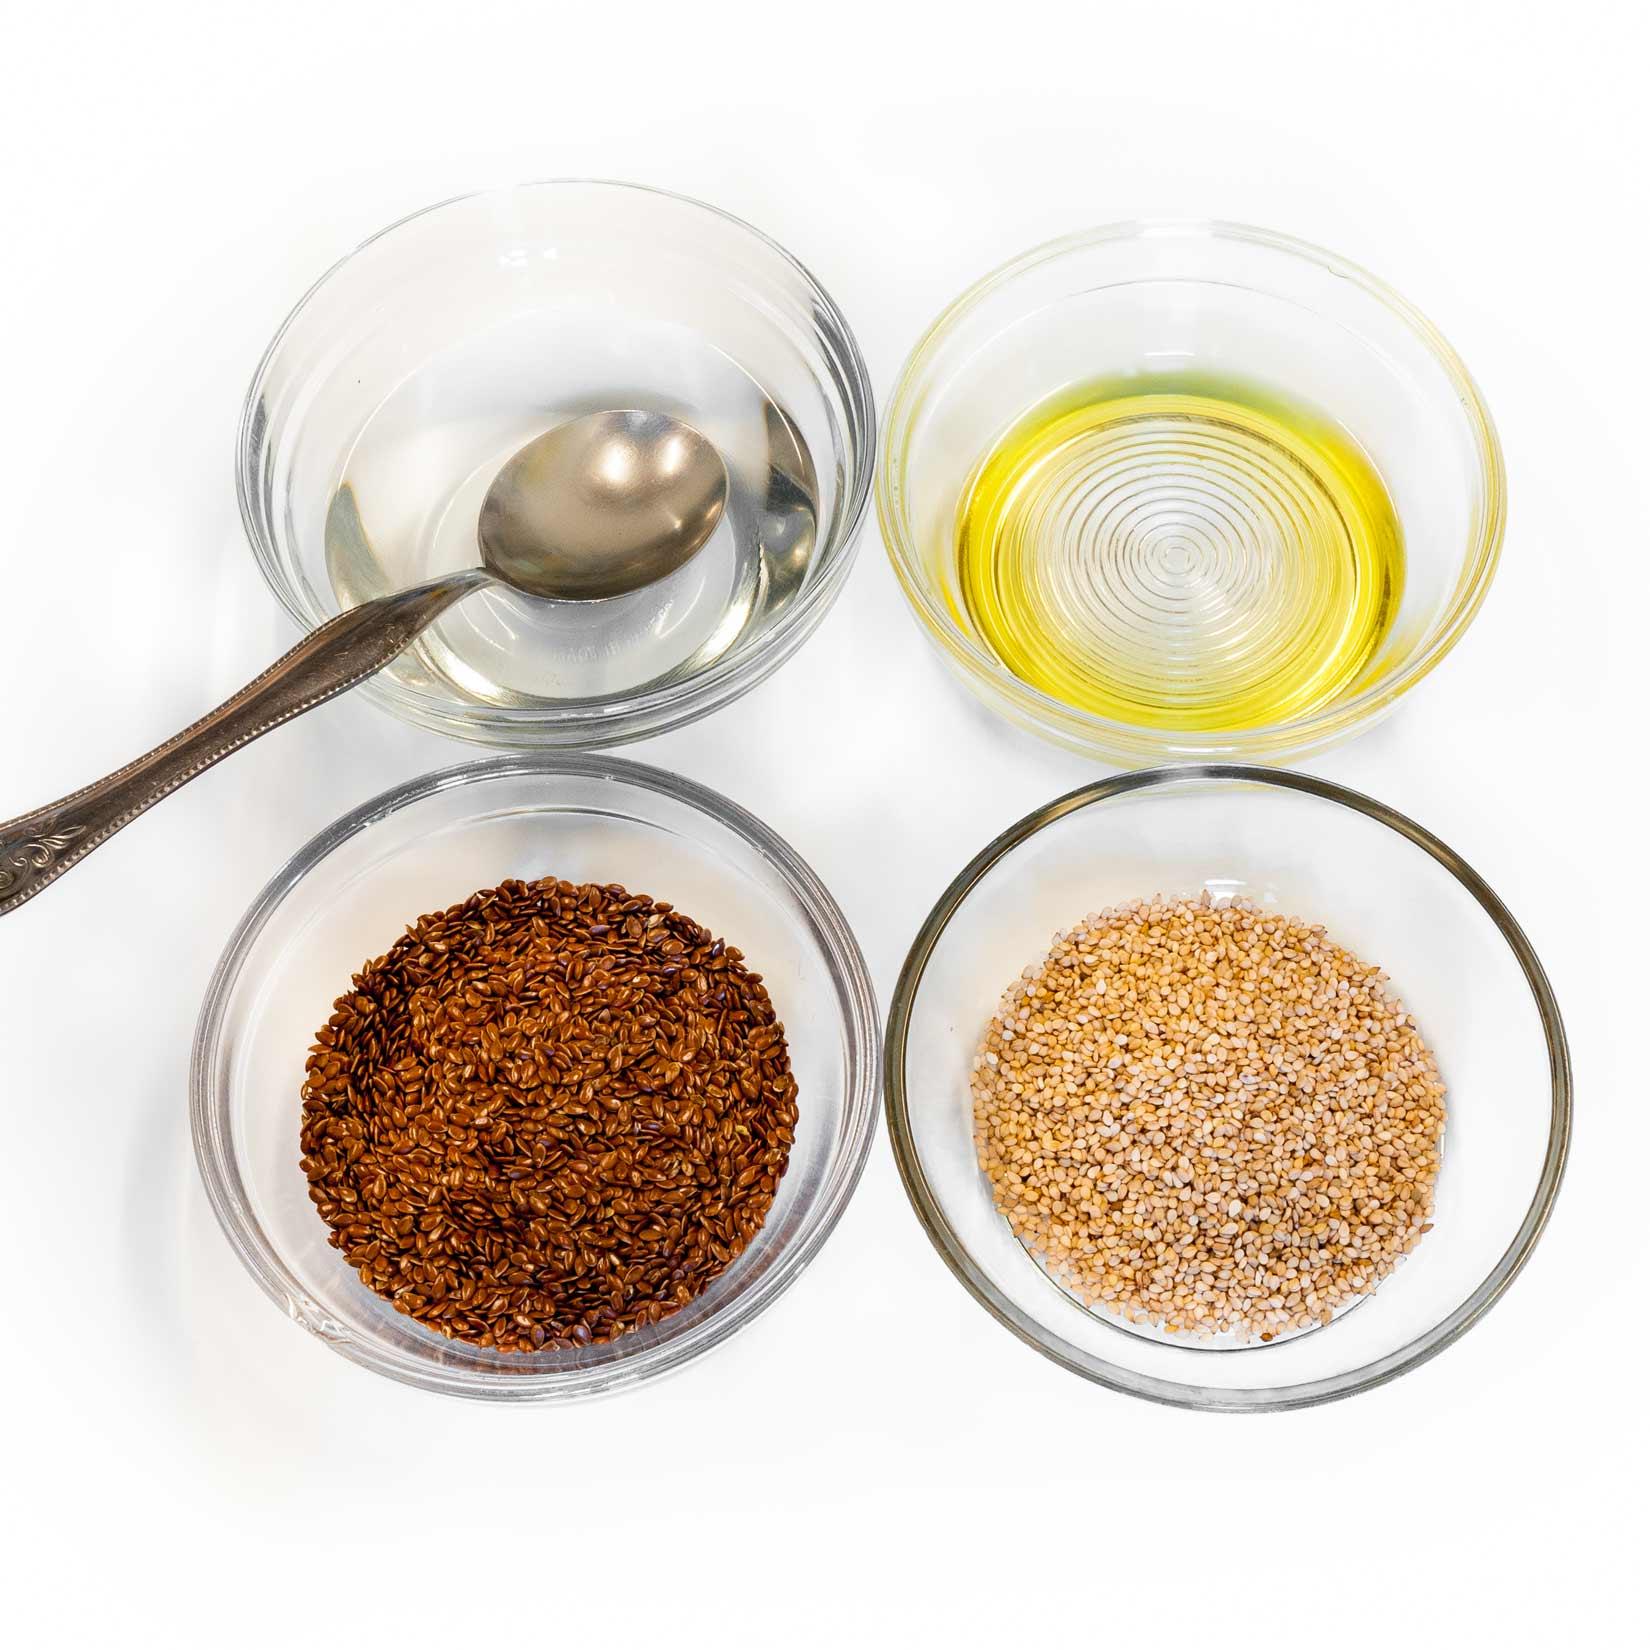 Nachystáme si cukrovou vodu, olej, sezamová a lněná semínka